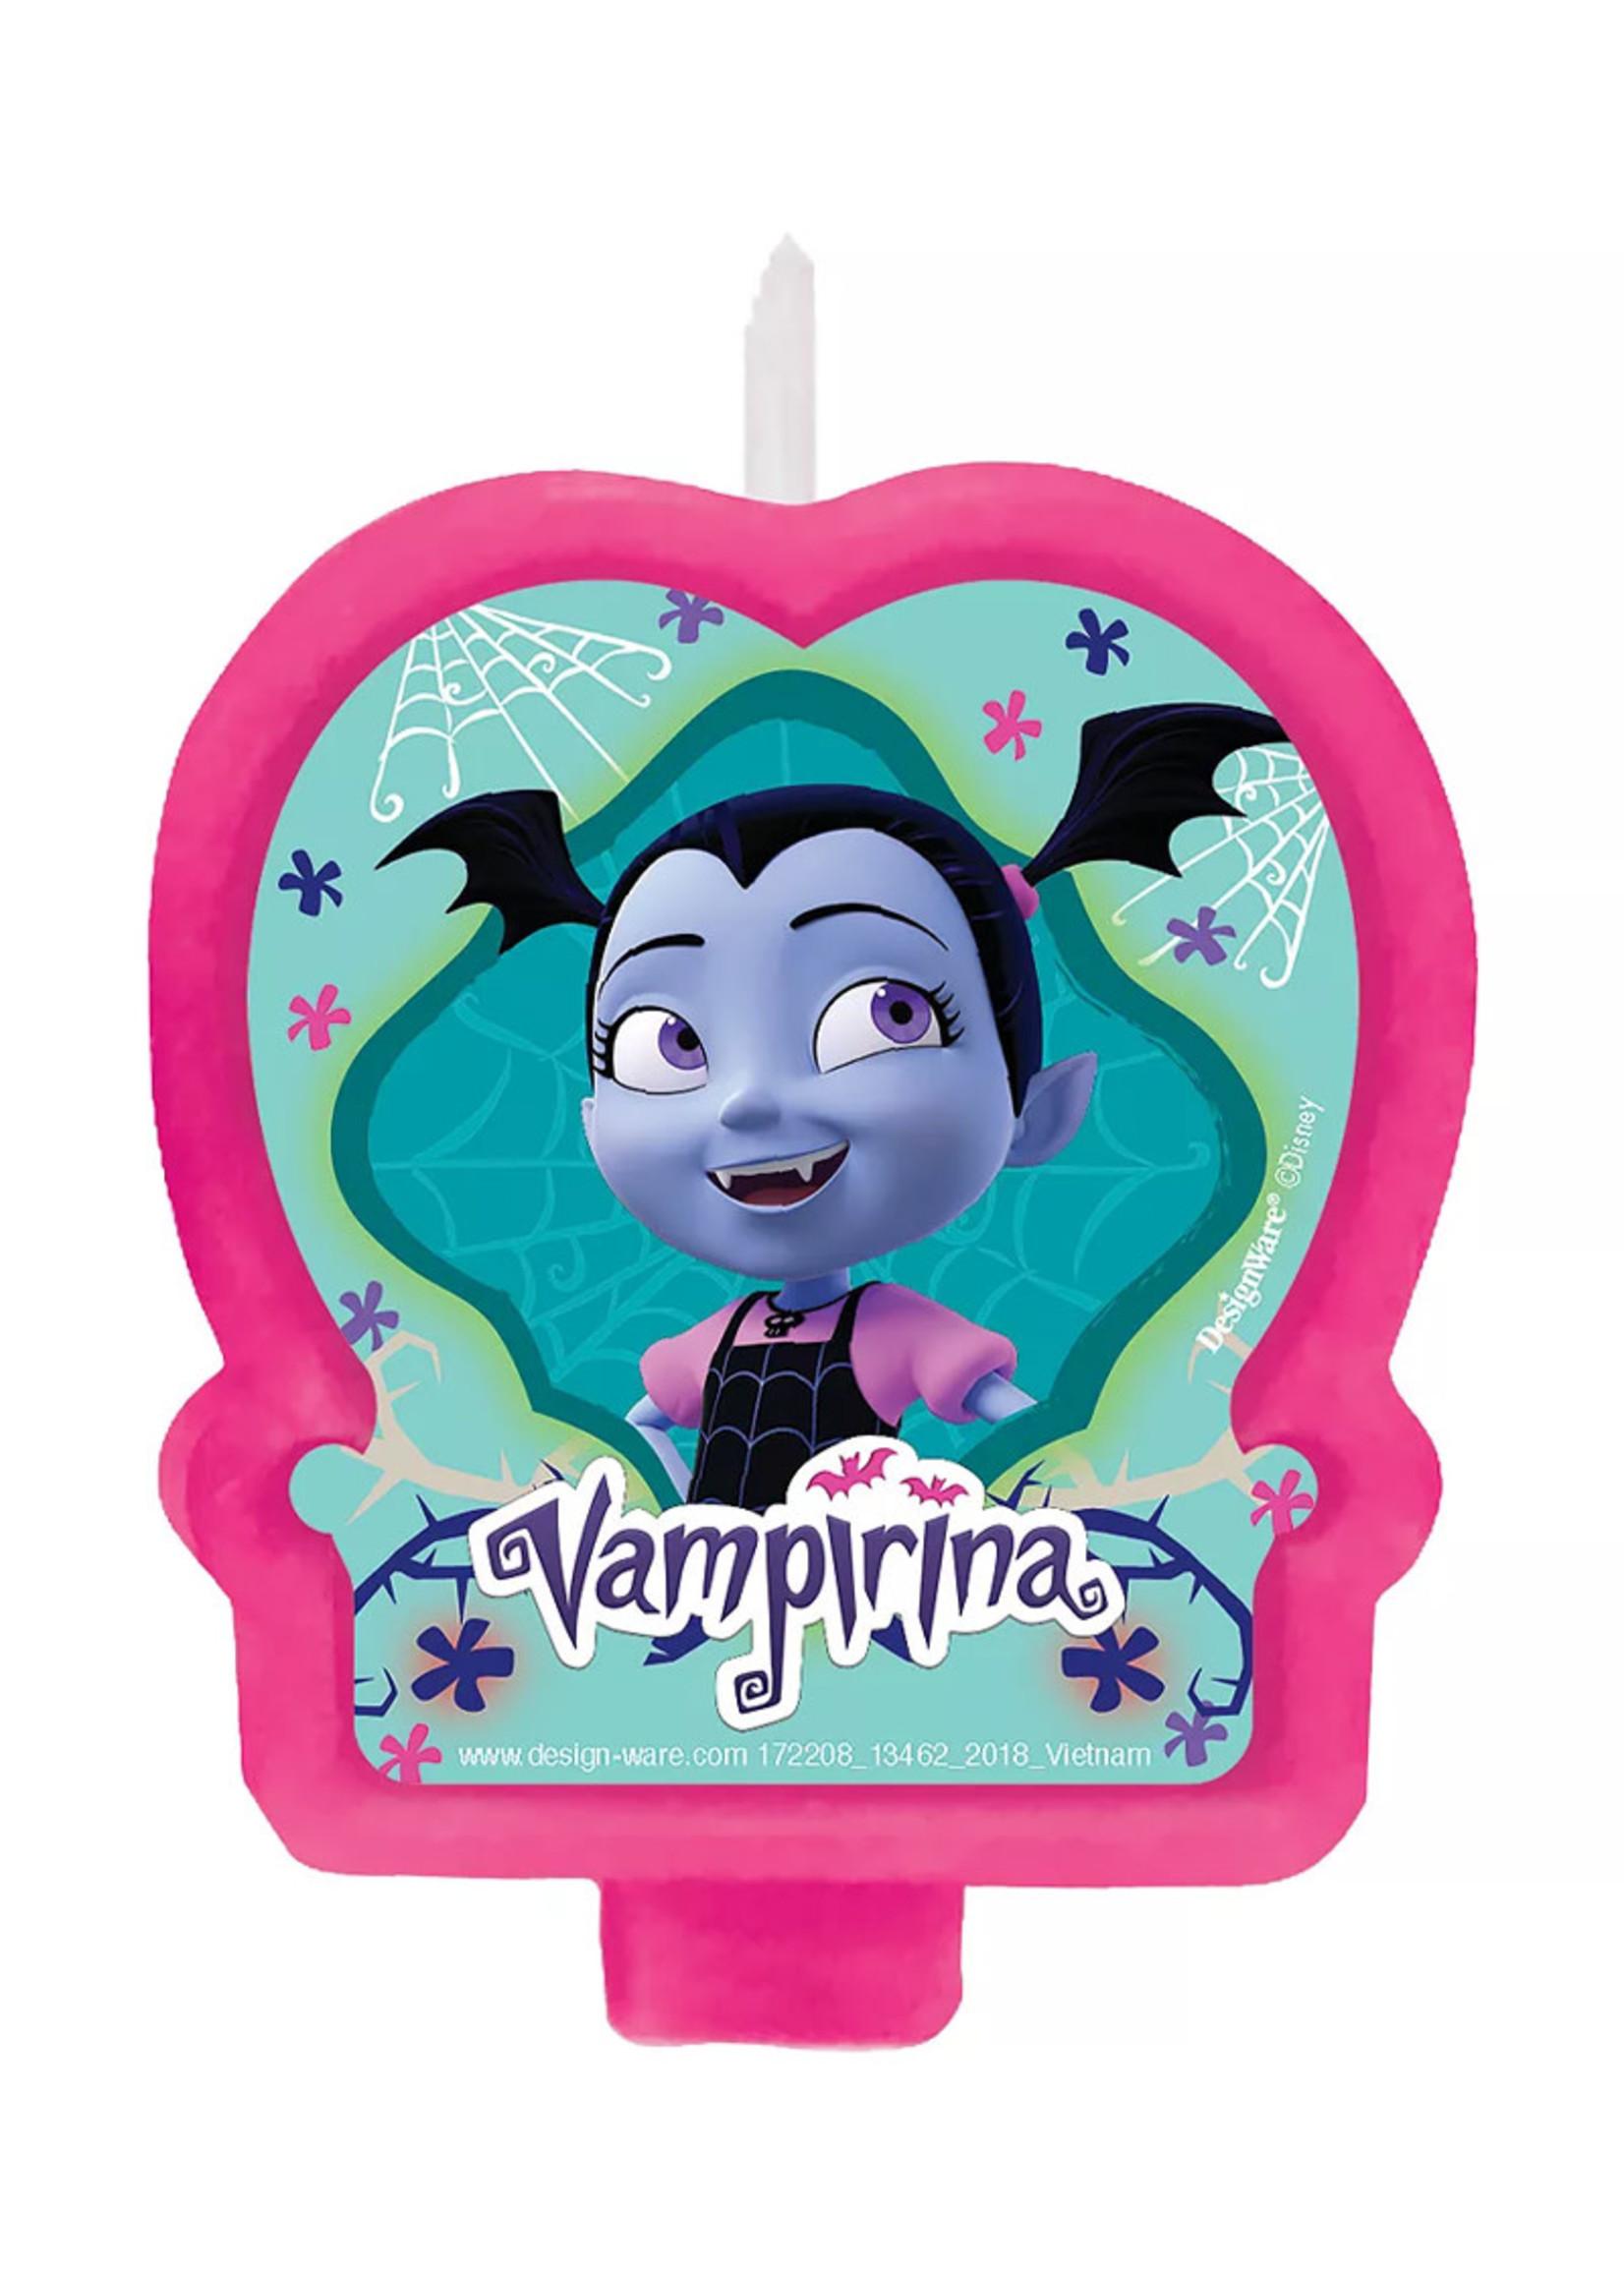 Vampirina Candle